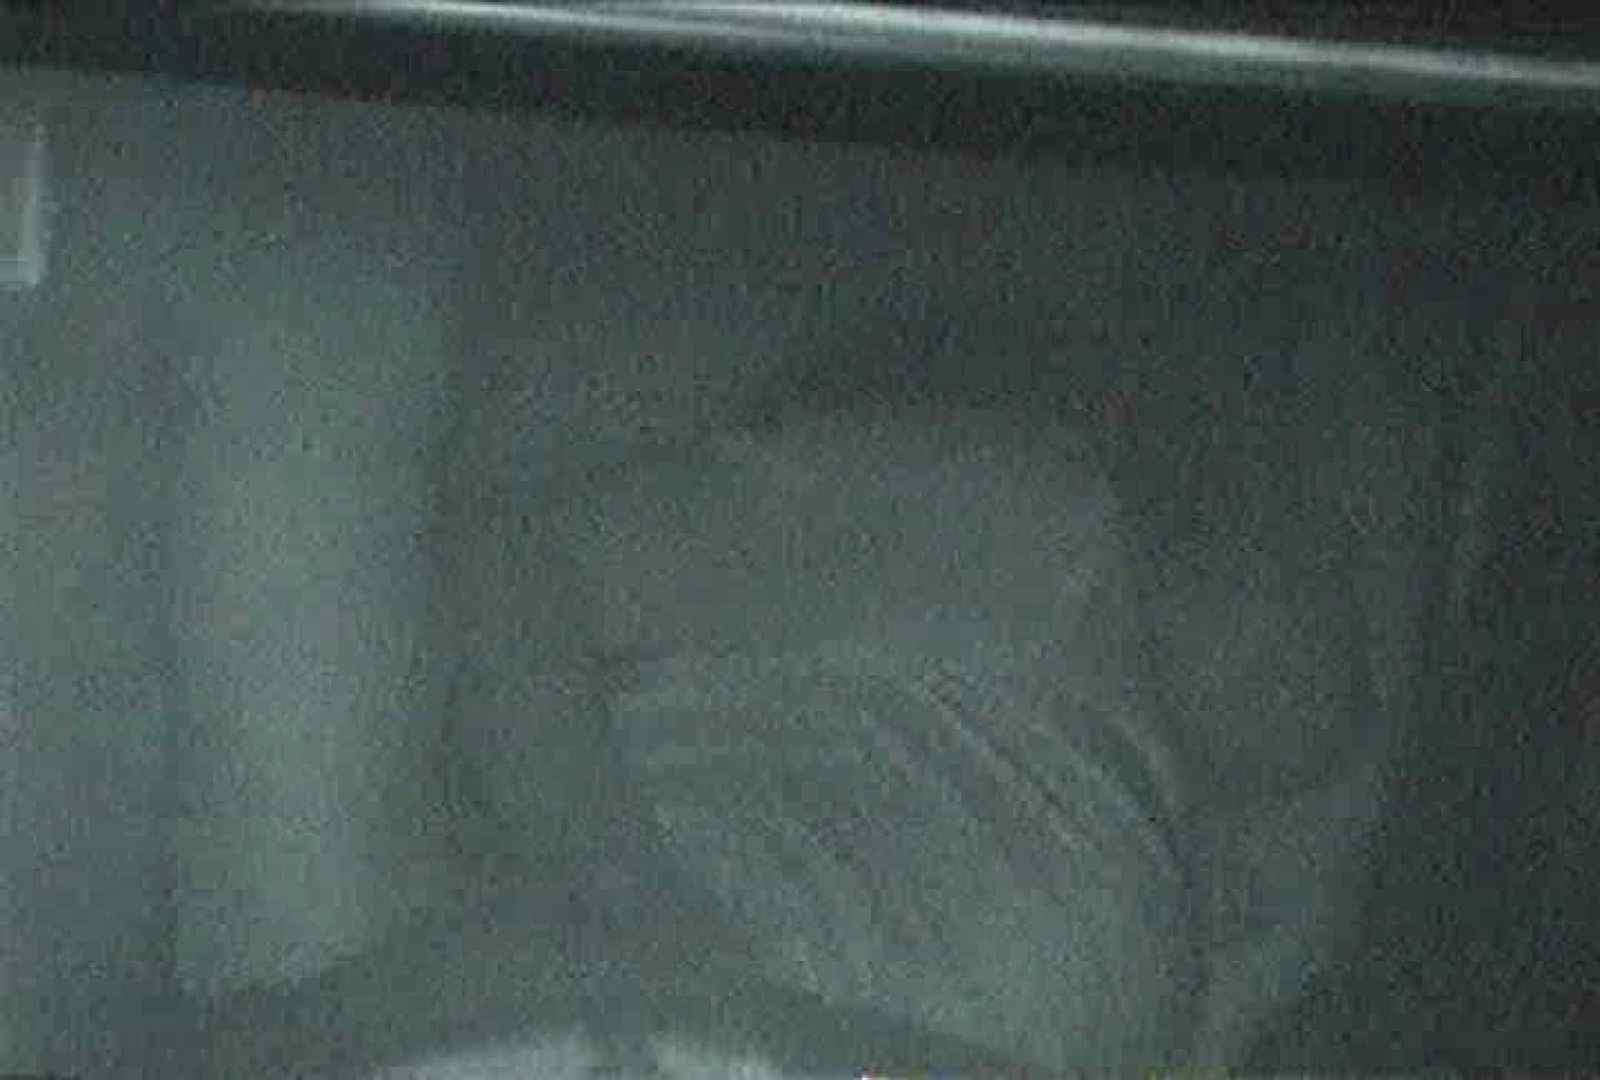 充血監督の深夜の運動会Vol.85 エッチなセックス | 車の中のカップル  100画像 97